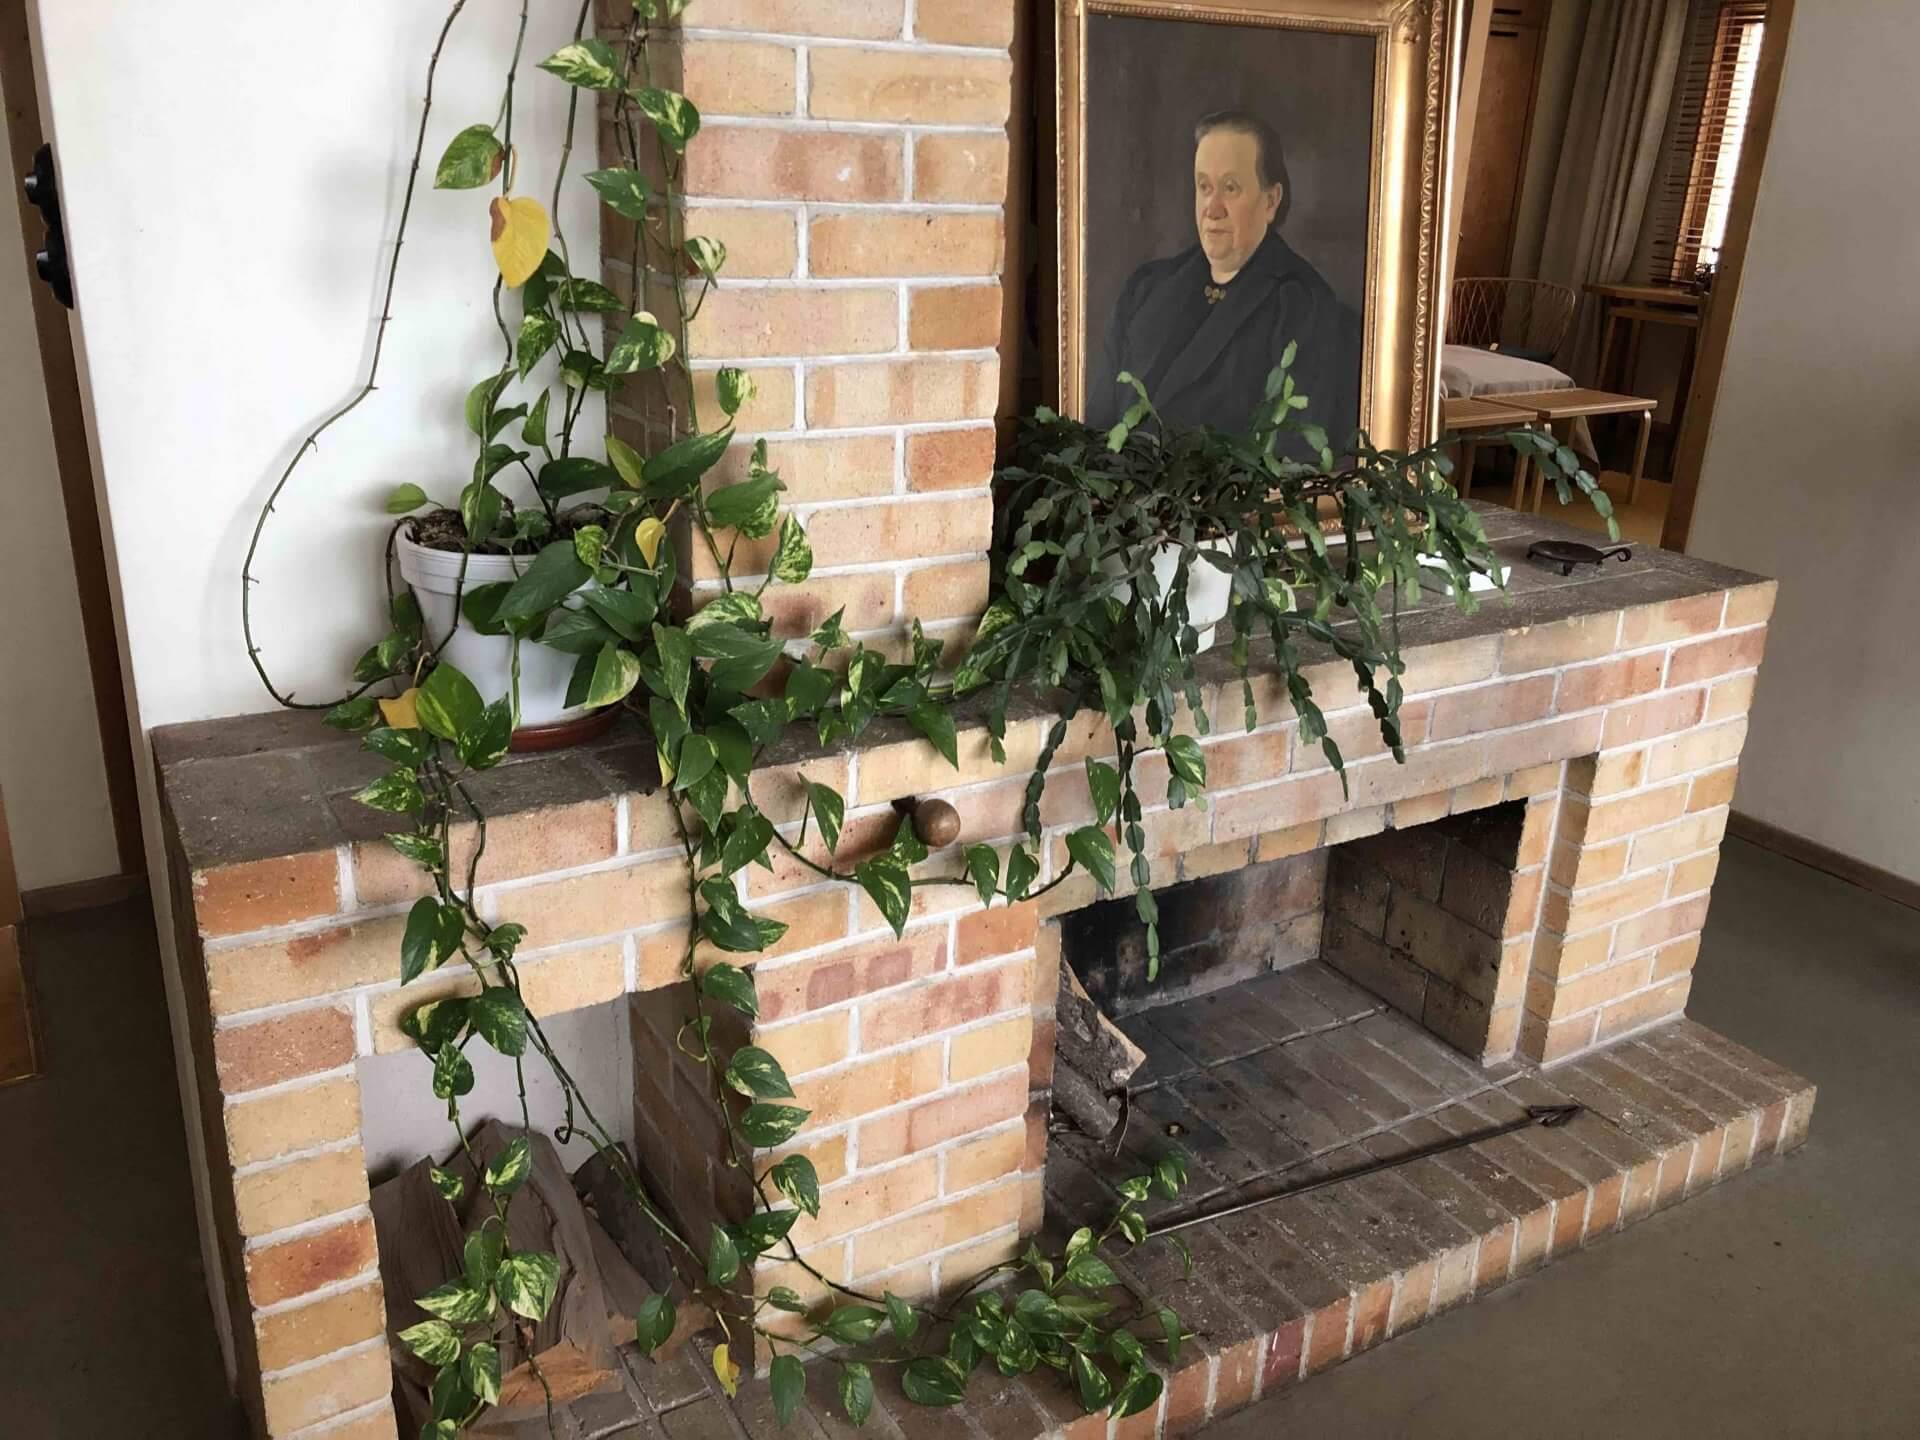 リラックスホールの暖炉。肖像画はアアルト一家の誰かなのか